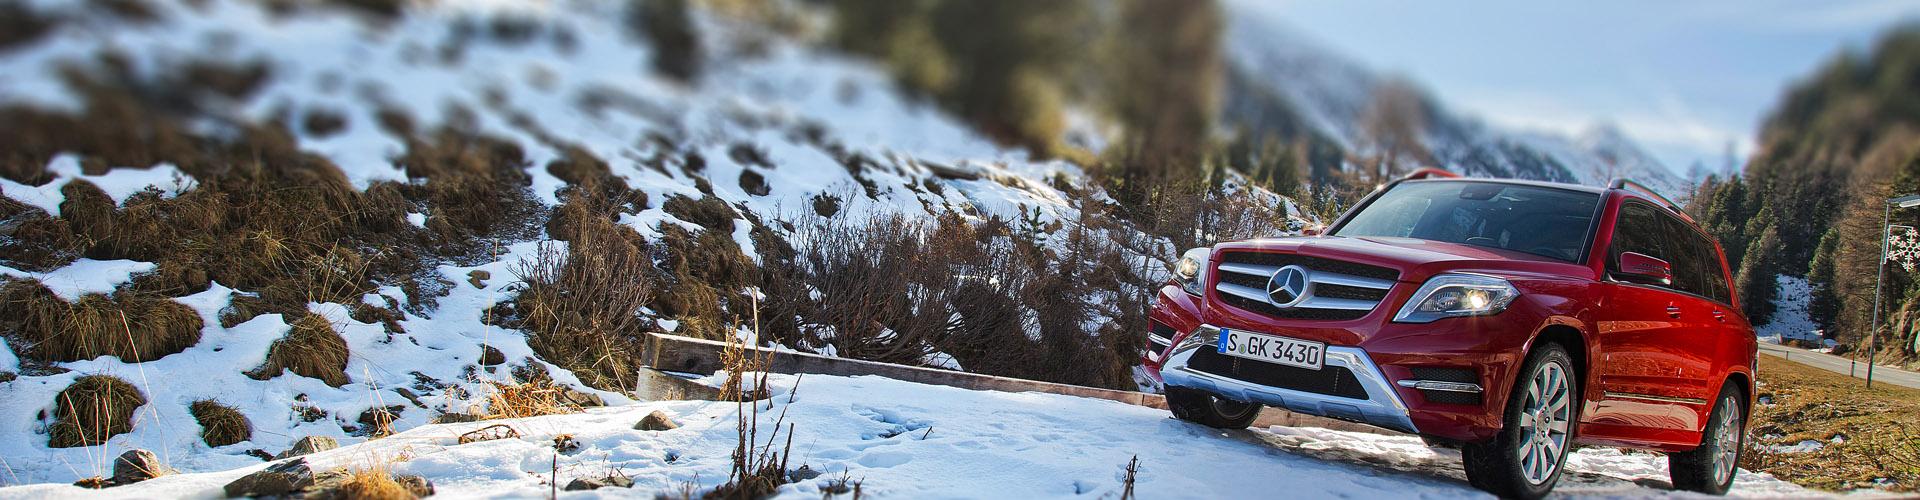 Sneeuwkettingen voor de Mercedes GLK